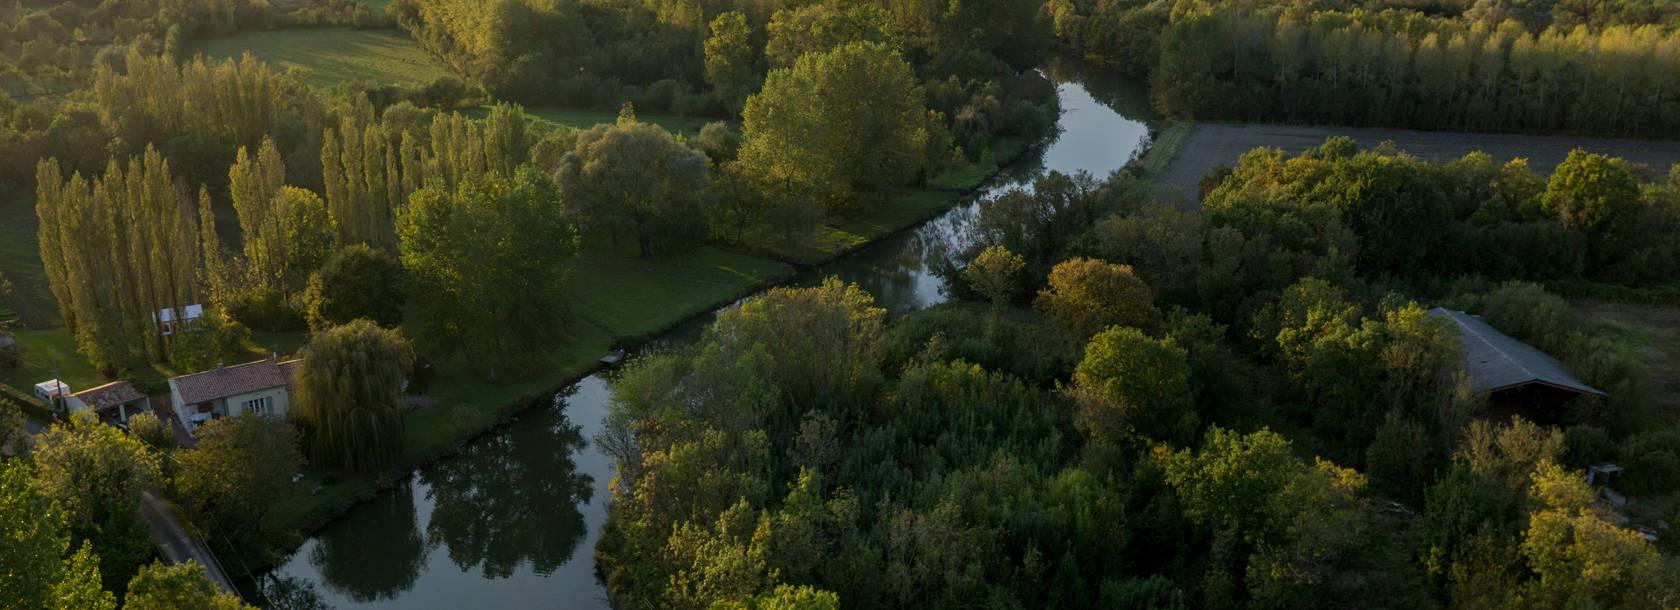 Vue aérienne de la Sèvre niortaise au coeur du marais mouillé dans le Marais poitevin